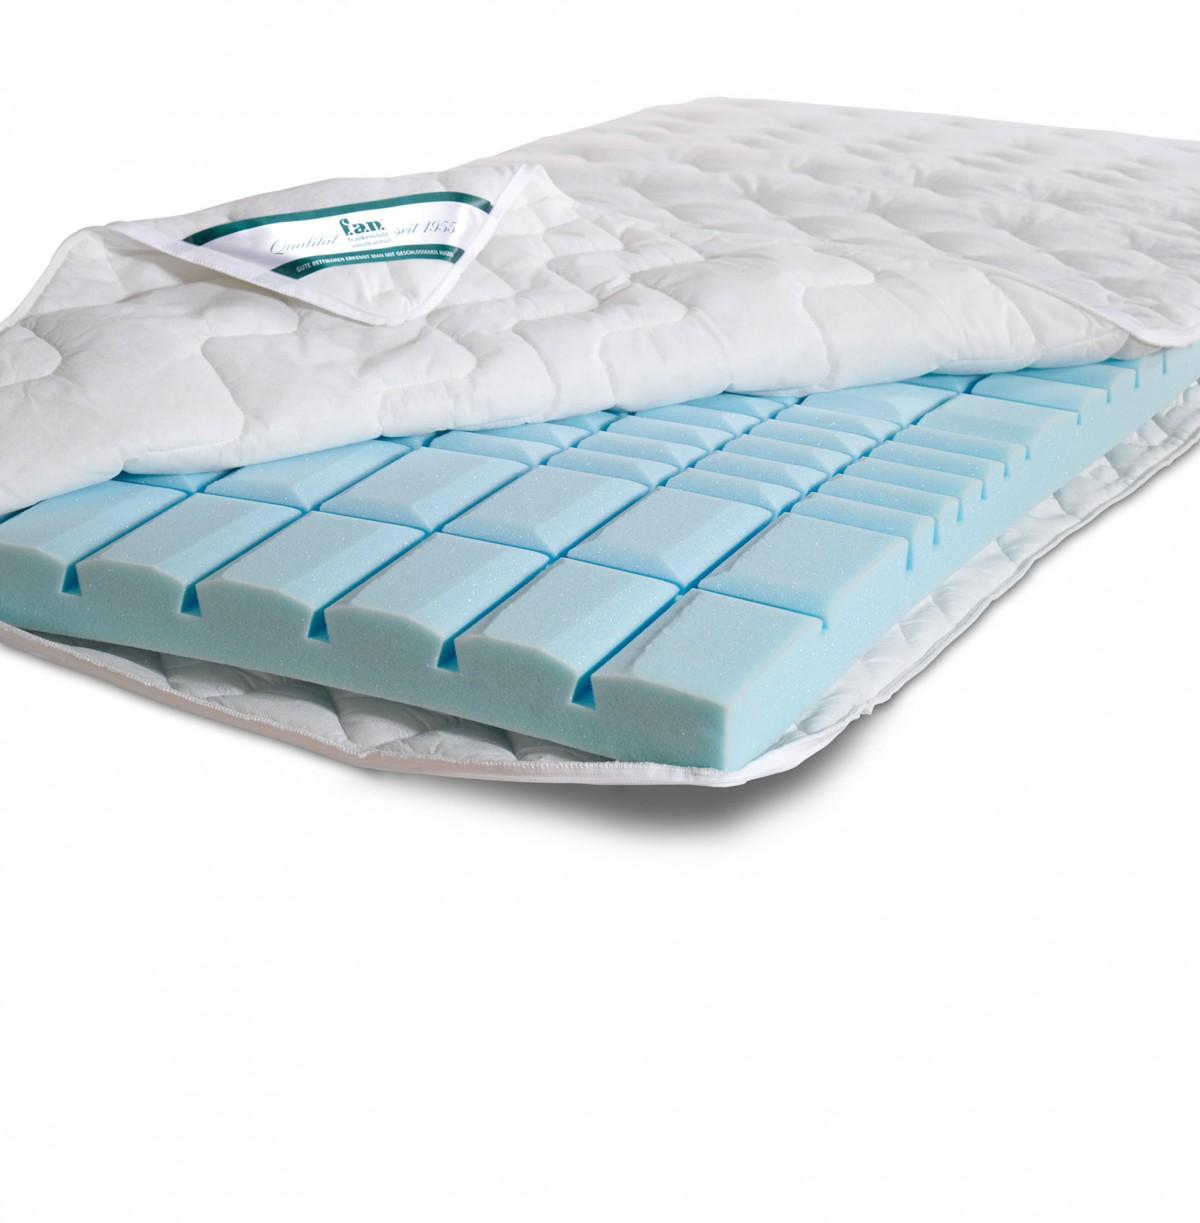 f a n frankenstolz medisan vital s topper dormando. Black Bedroom Furniture Sets. Home Design Ideas